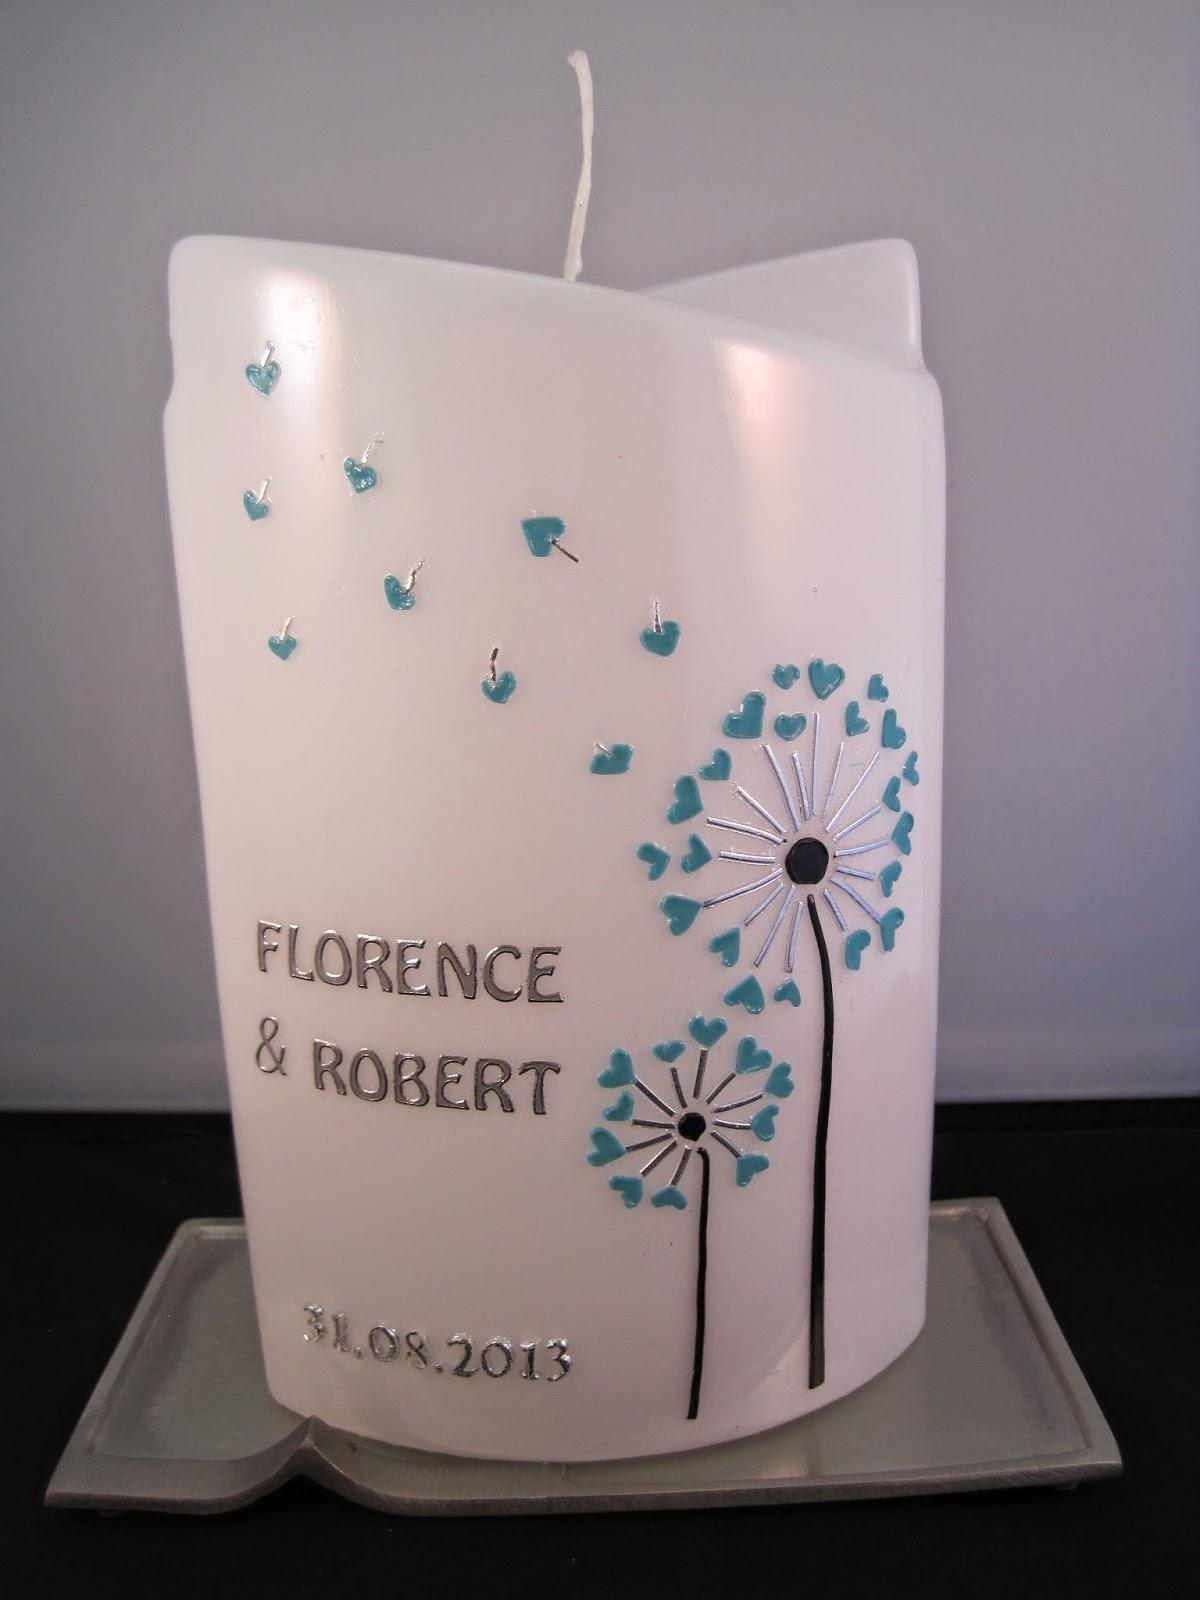 Helgas kerzen und kartenzauber zwei pusteblumen voller - Pusteblume basteln ...